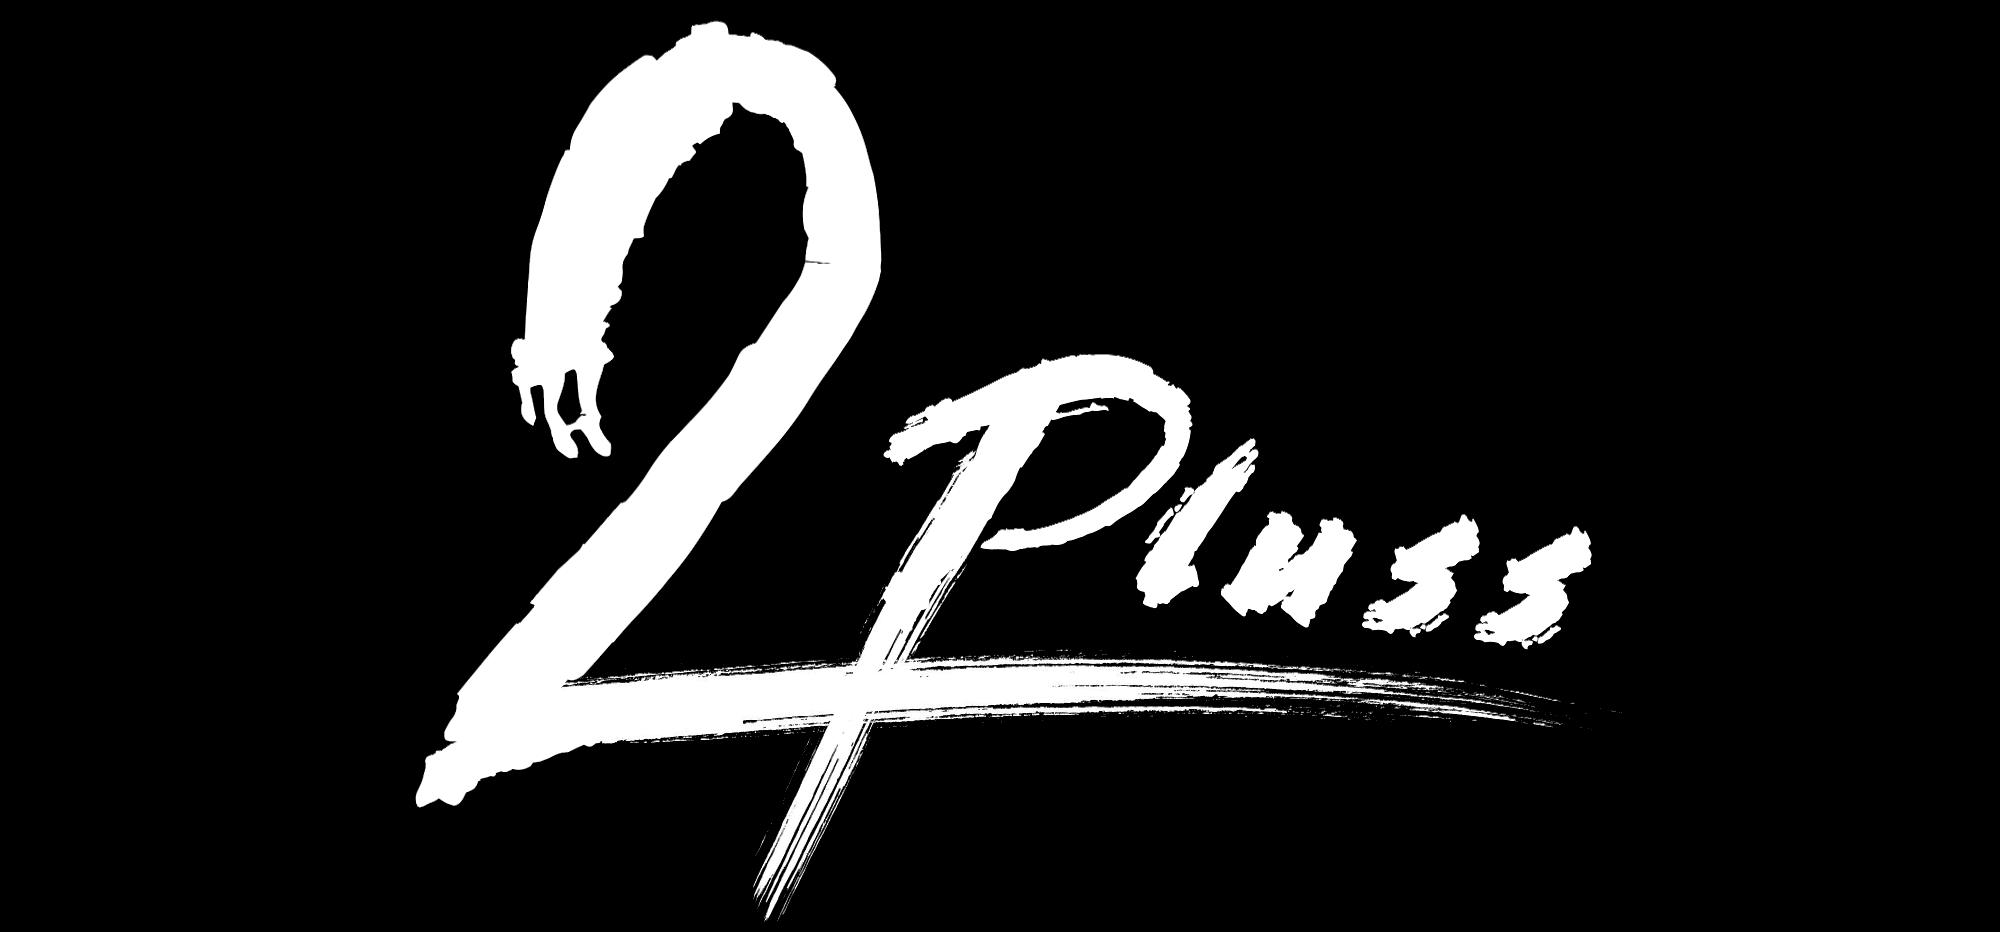 2Pluss